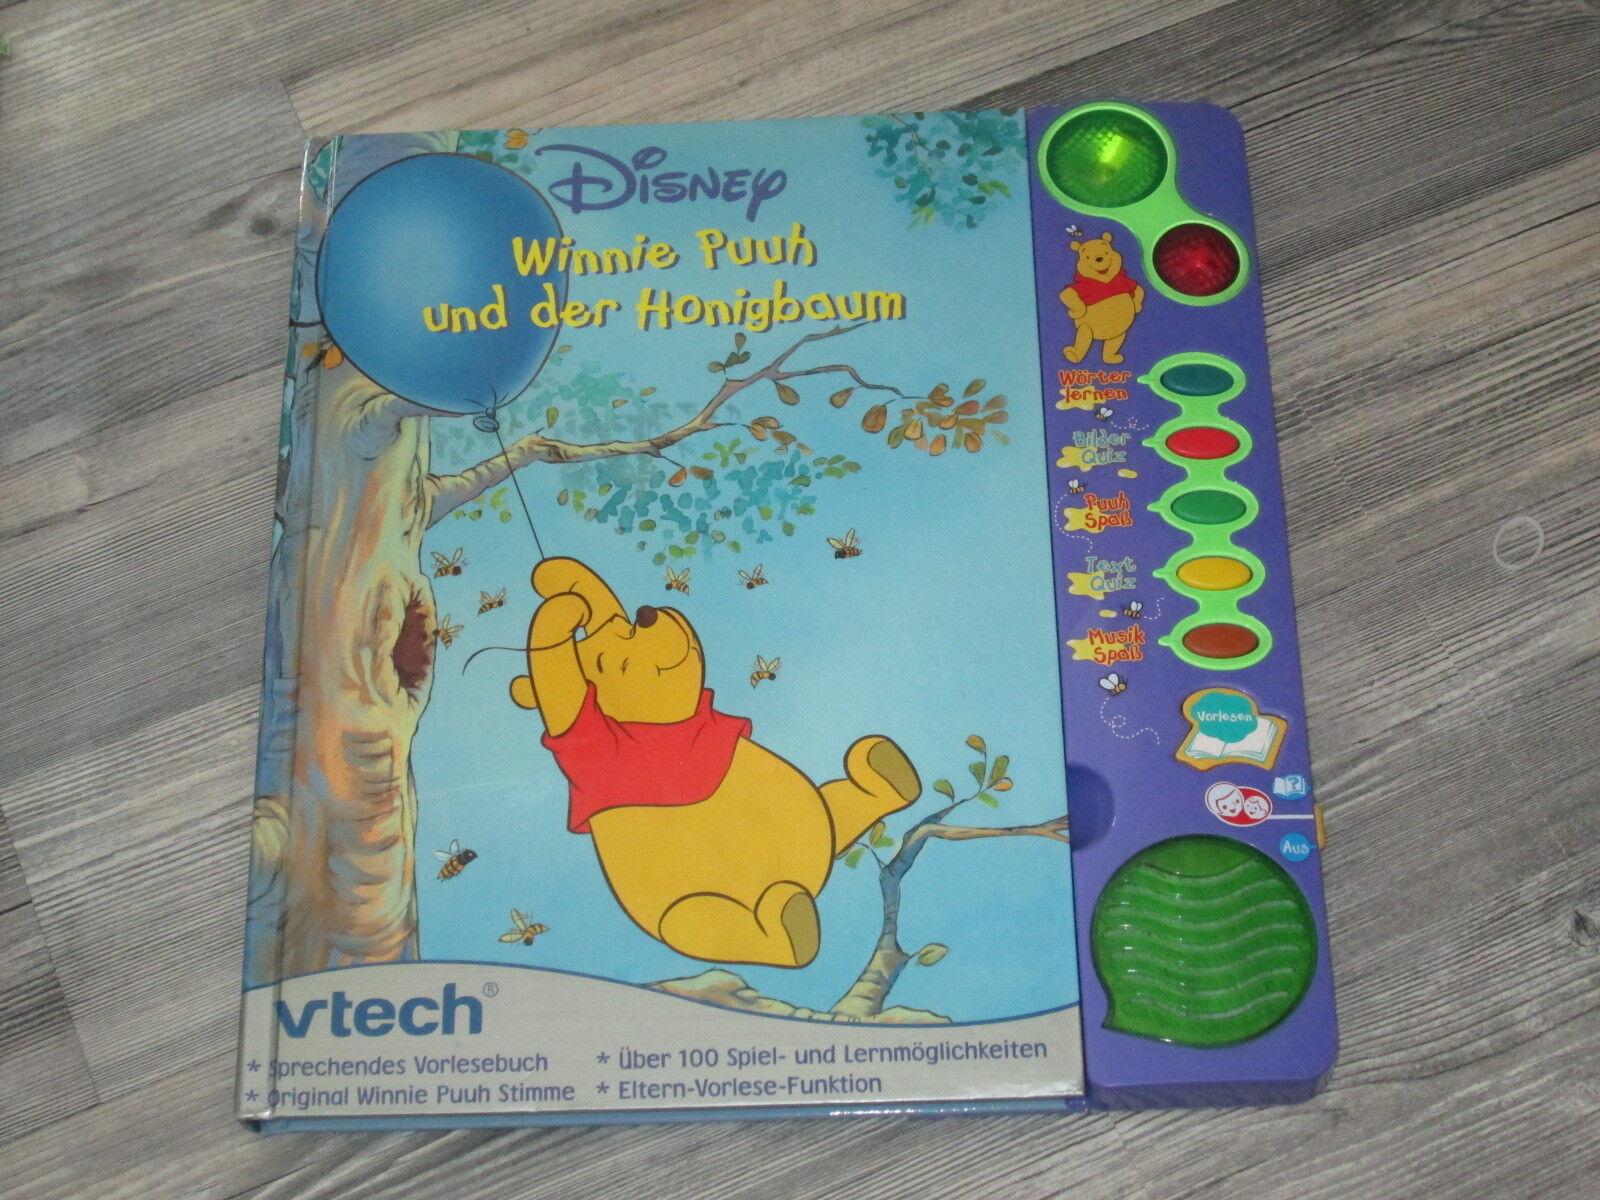 VTech V-Tech Winnie Puuh und der Honigbaum Pooh Hörbuch Lernbuch Lern und Hörbuch Pooh Lesen d8ac1b